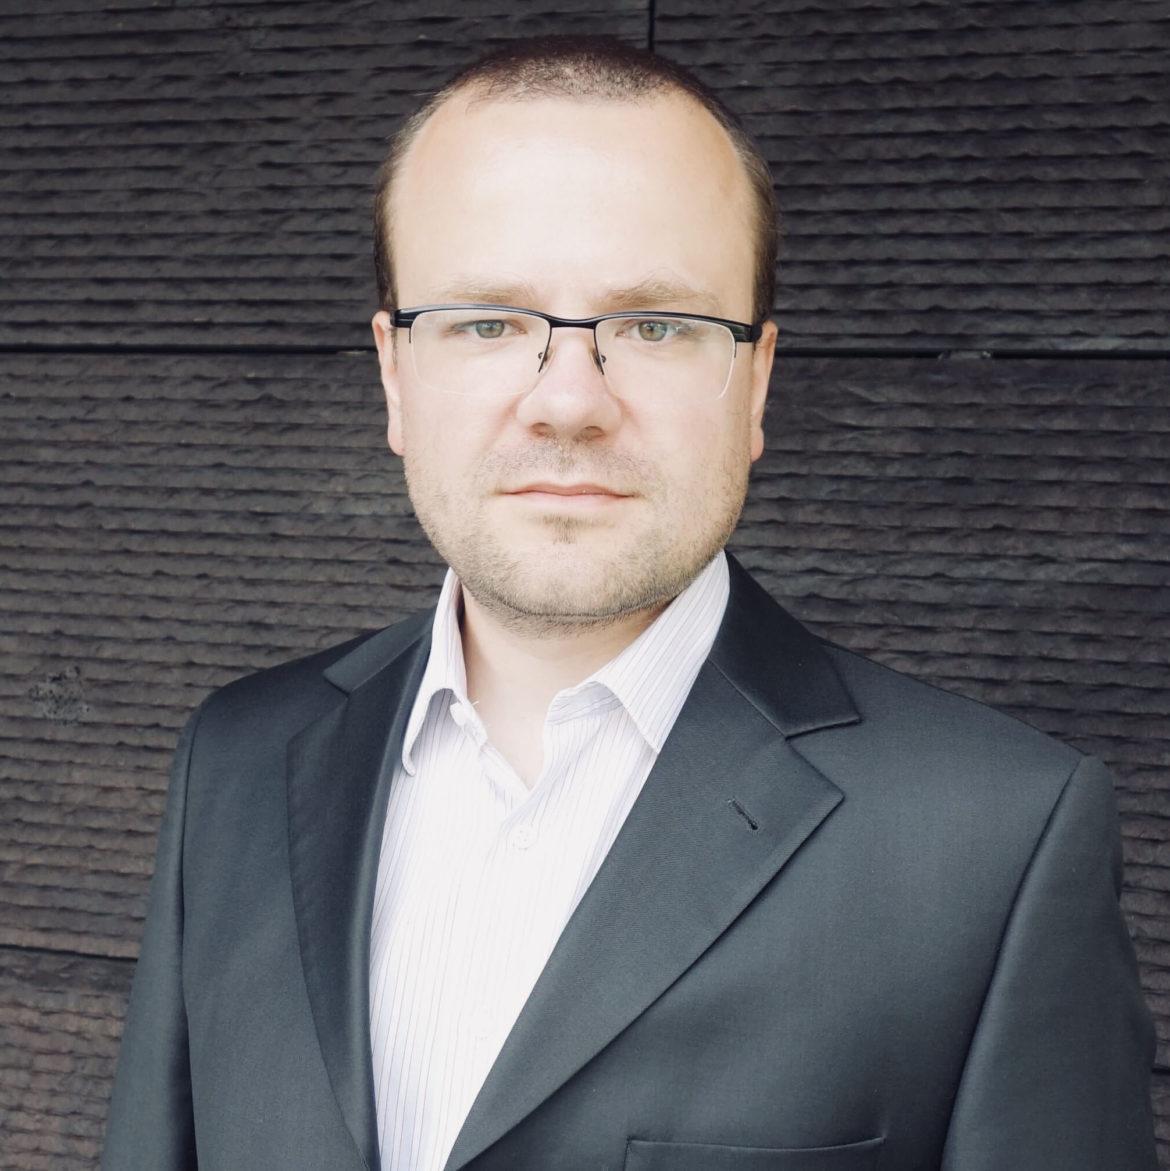 Piotr Wacław Dąbrowski